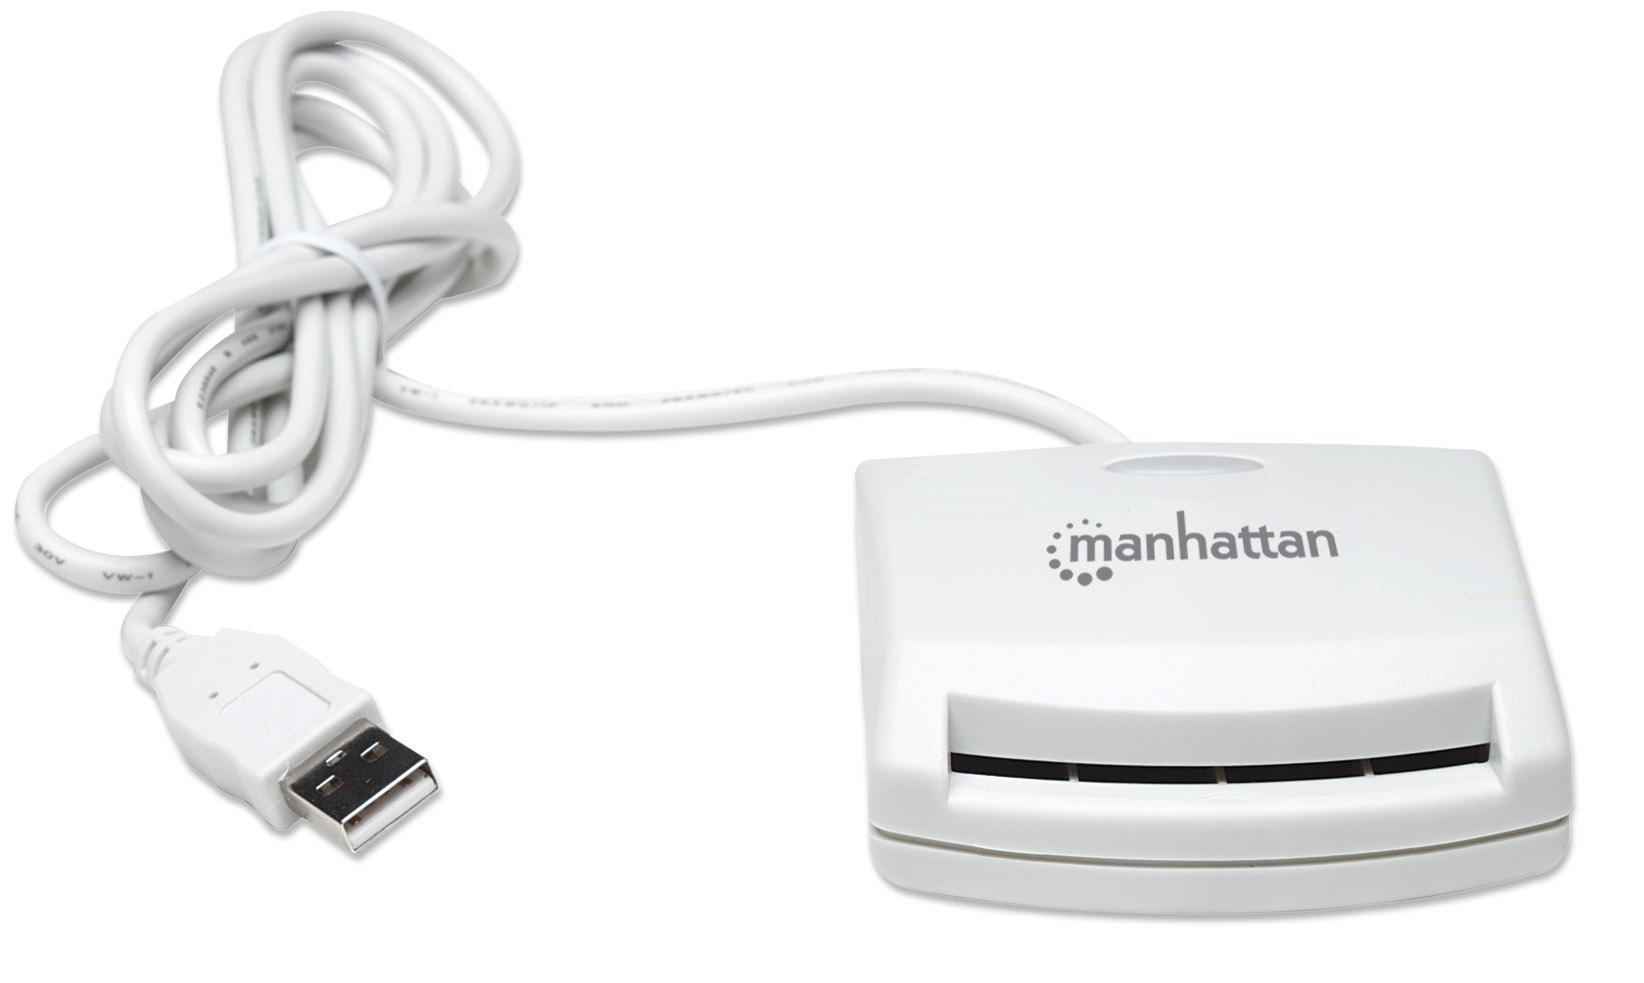 manhattan lettore di smart card usb esterno i card cam usb  Lettore di Smart card USB esterno - Manhattan - I-CARD CAM-USB ...